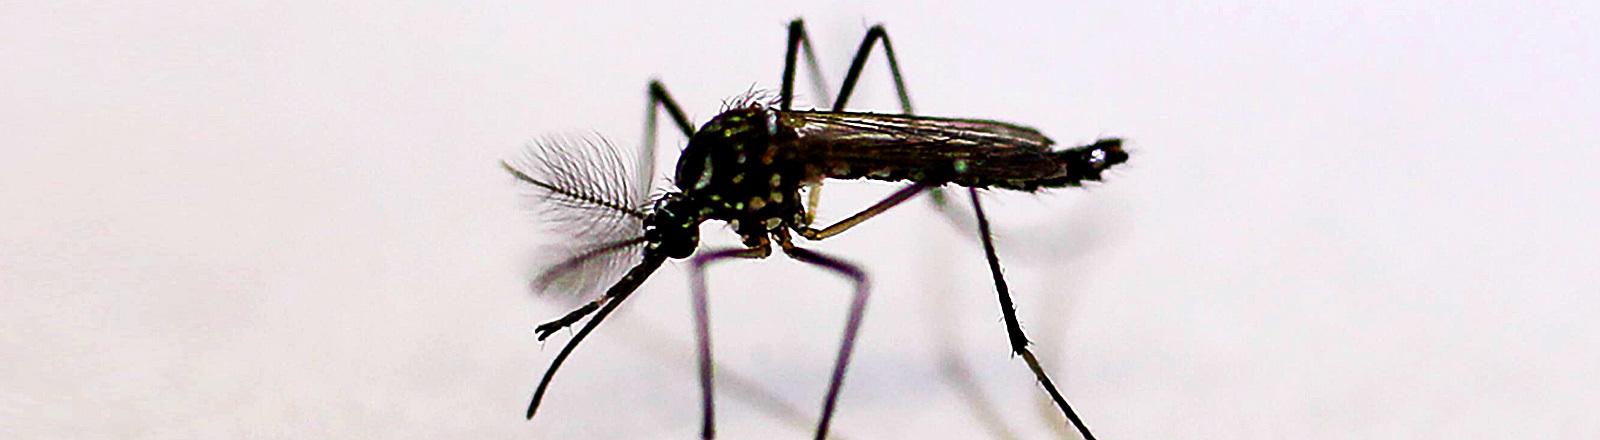 Zika-Mücke